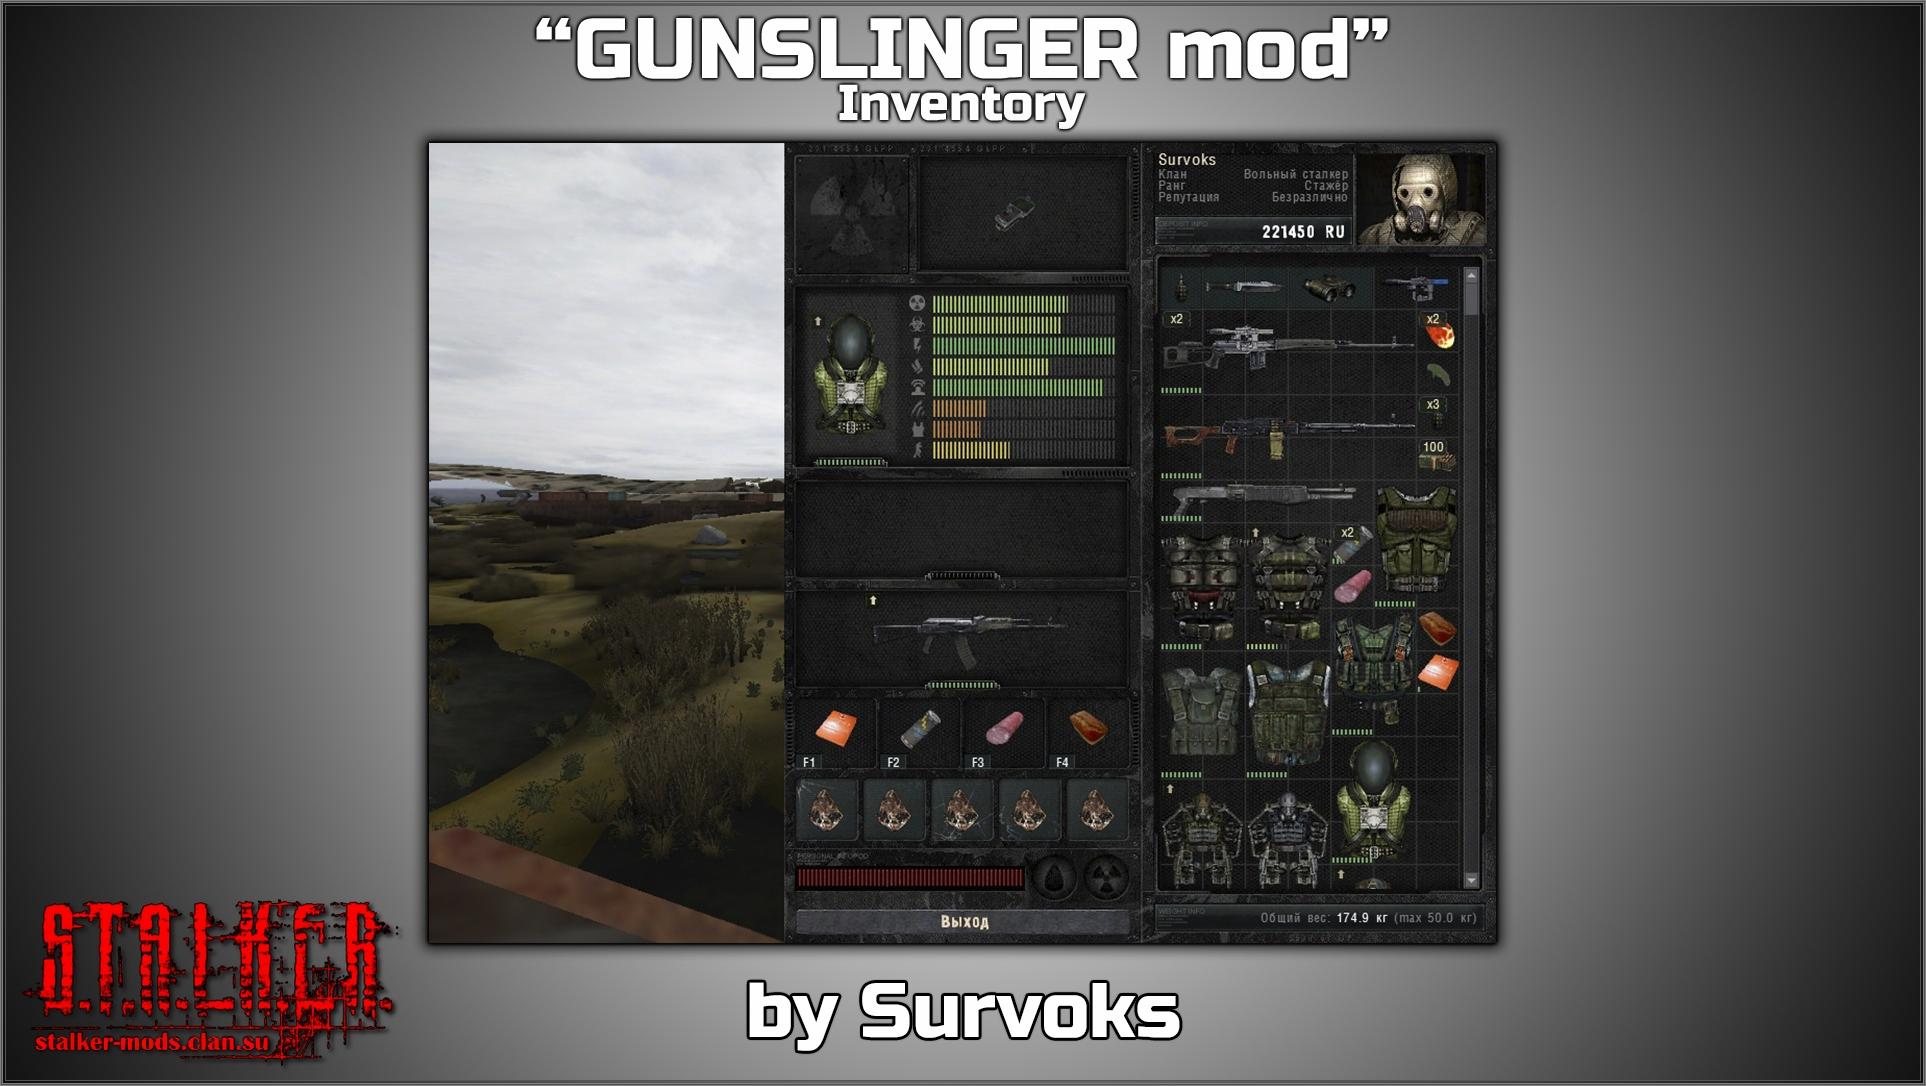 новый инвентарь в стиле Gunslinger